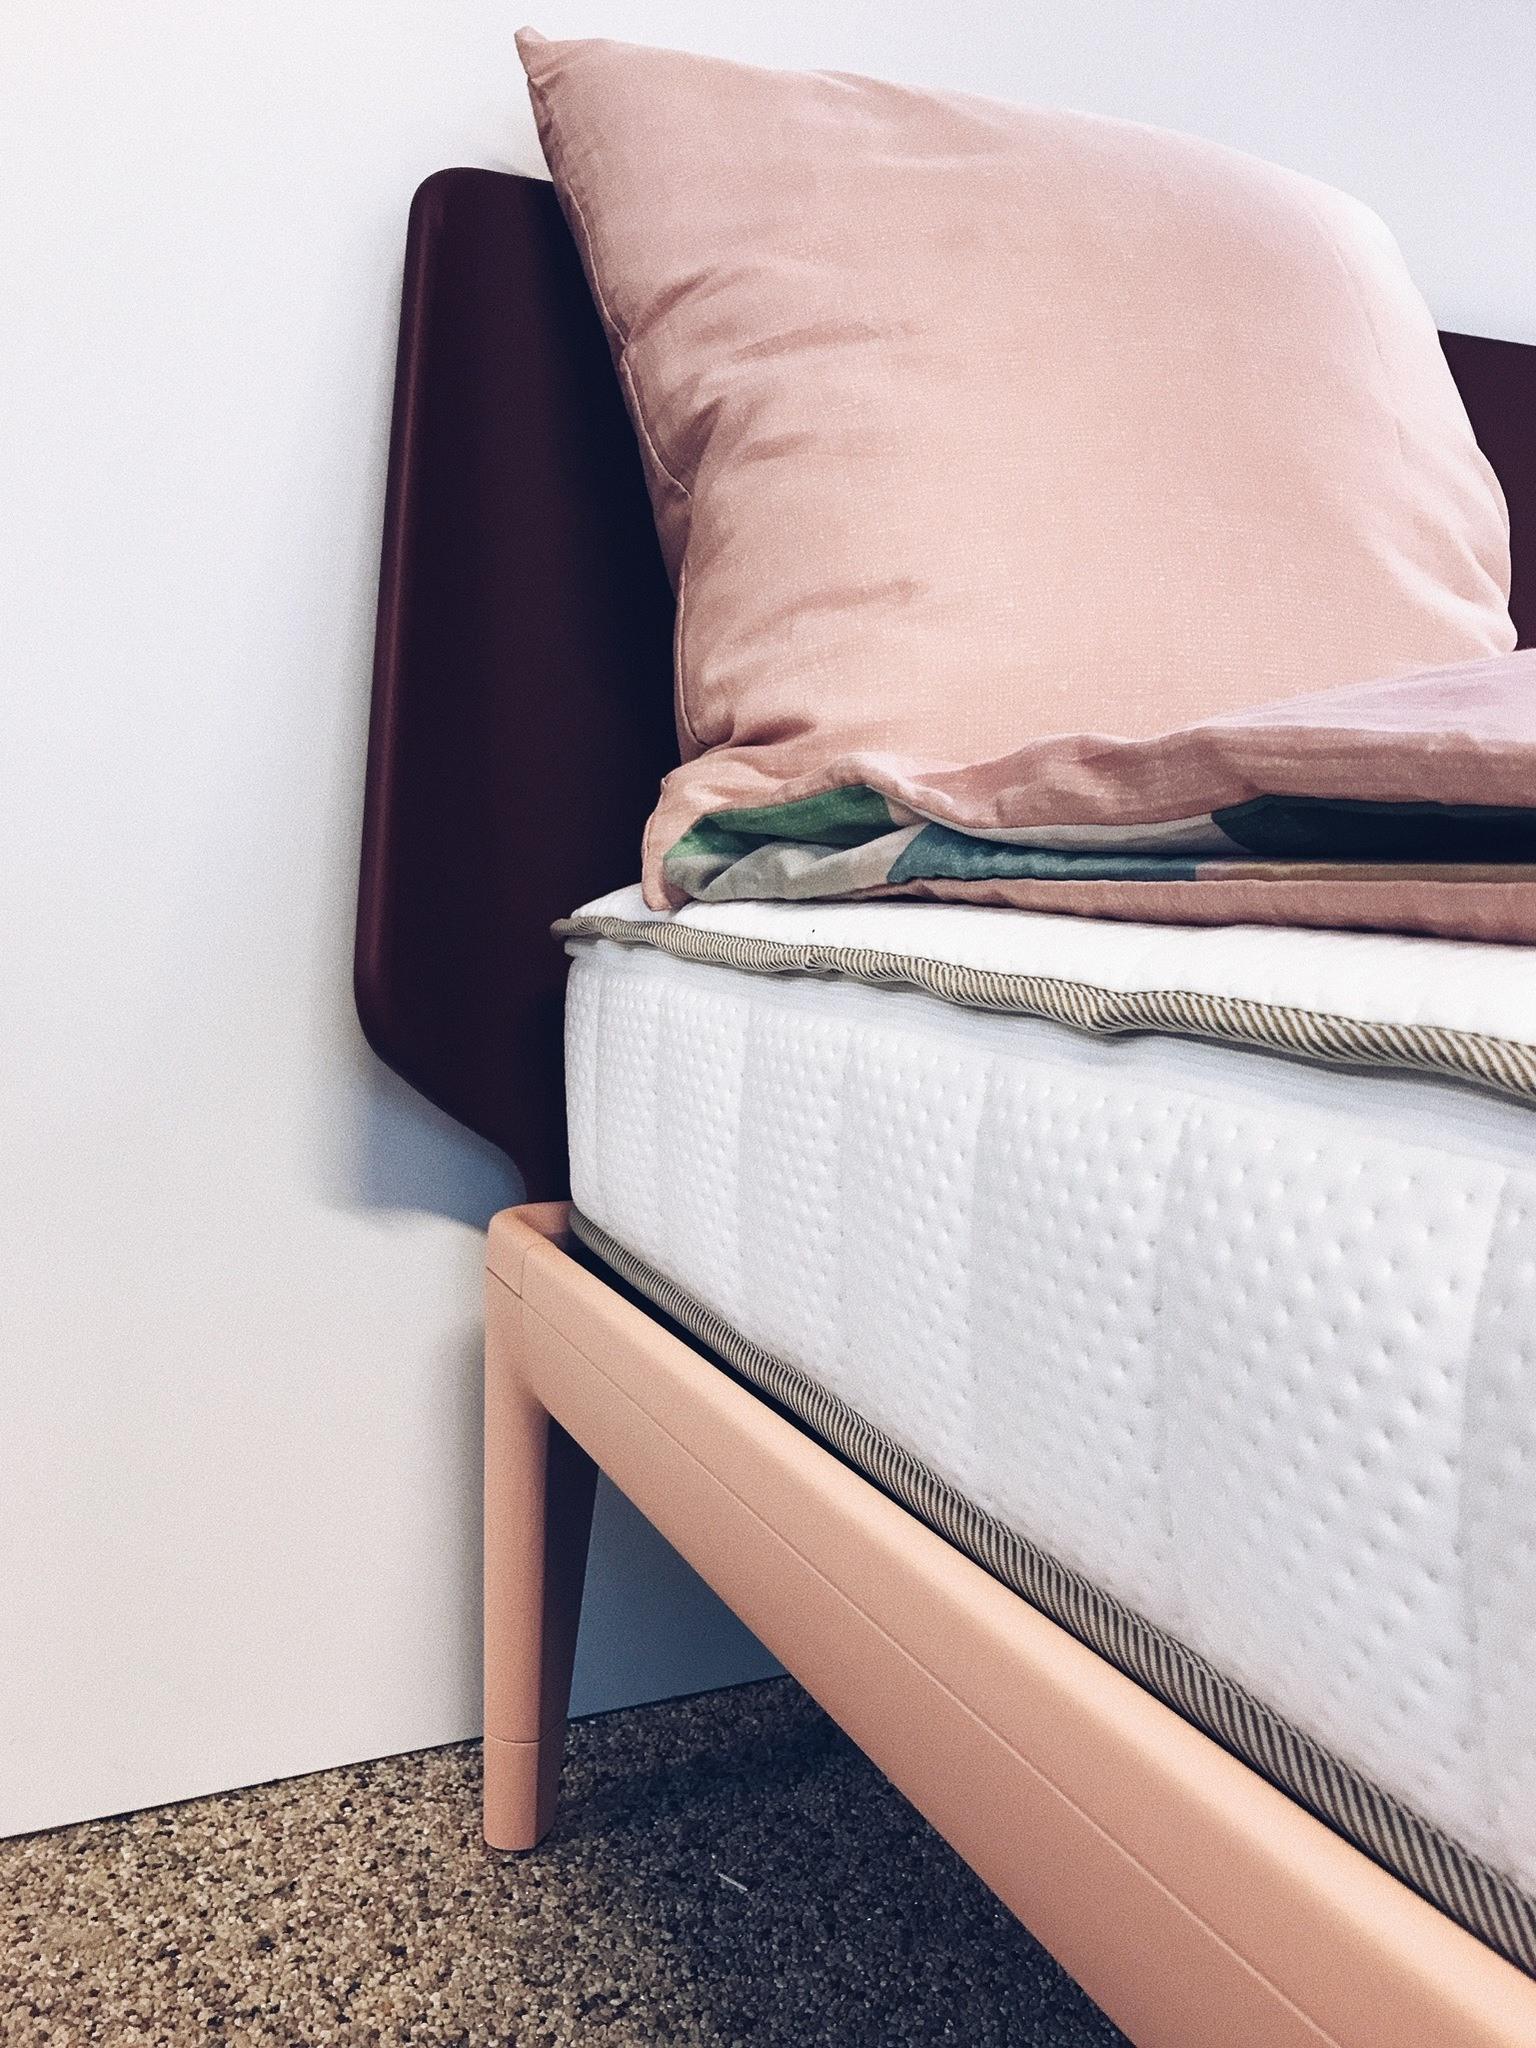 Vores <strong>nye seng</strong> og vigtigheden af god vejledning 3